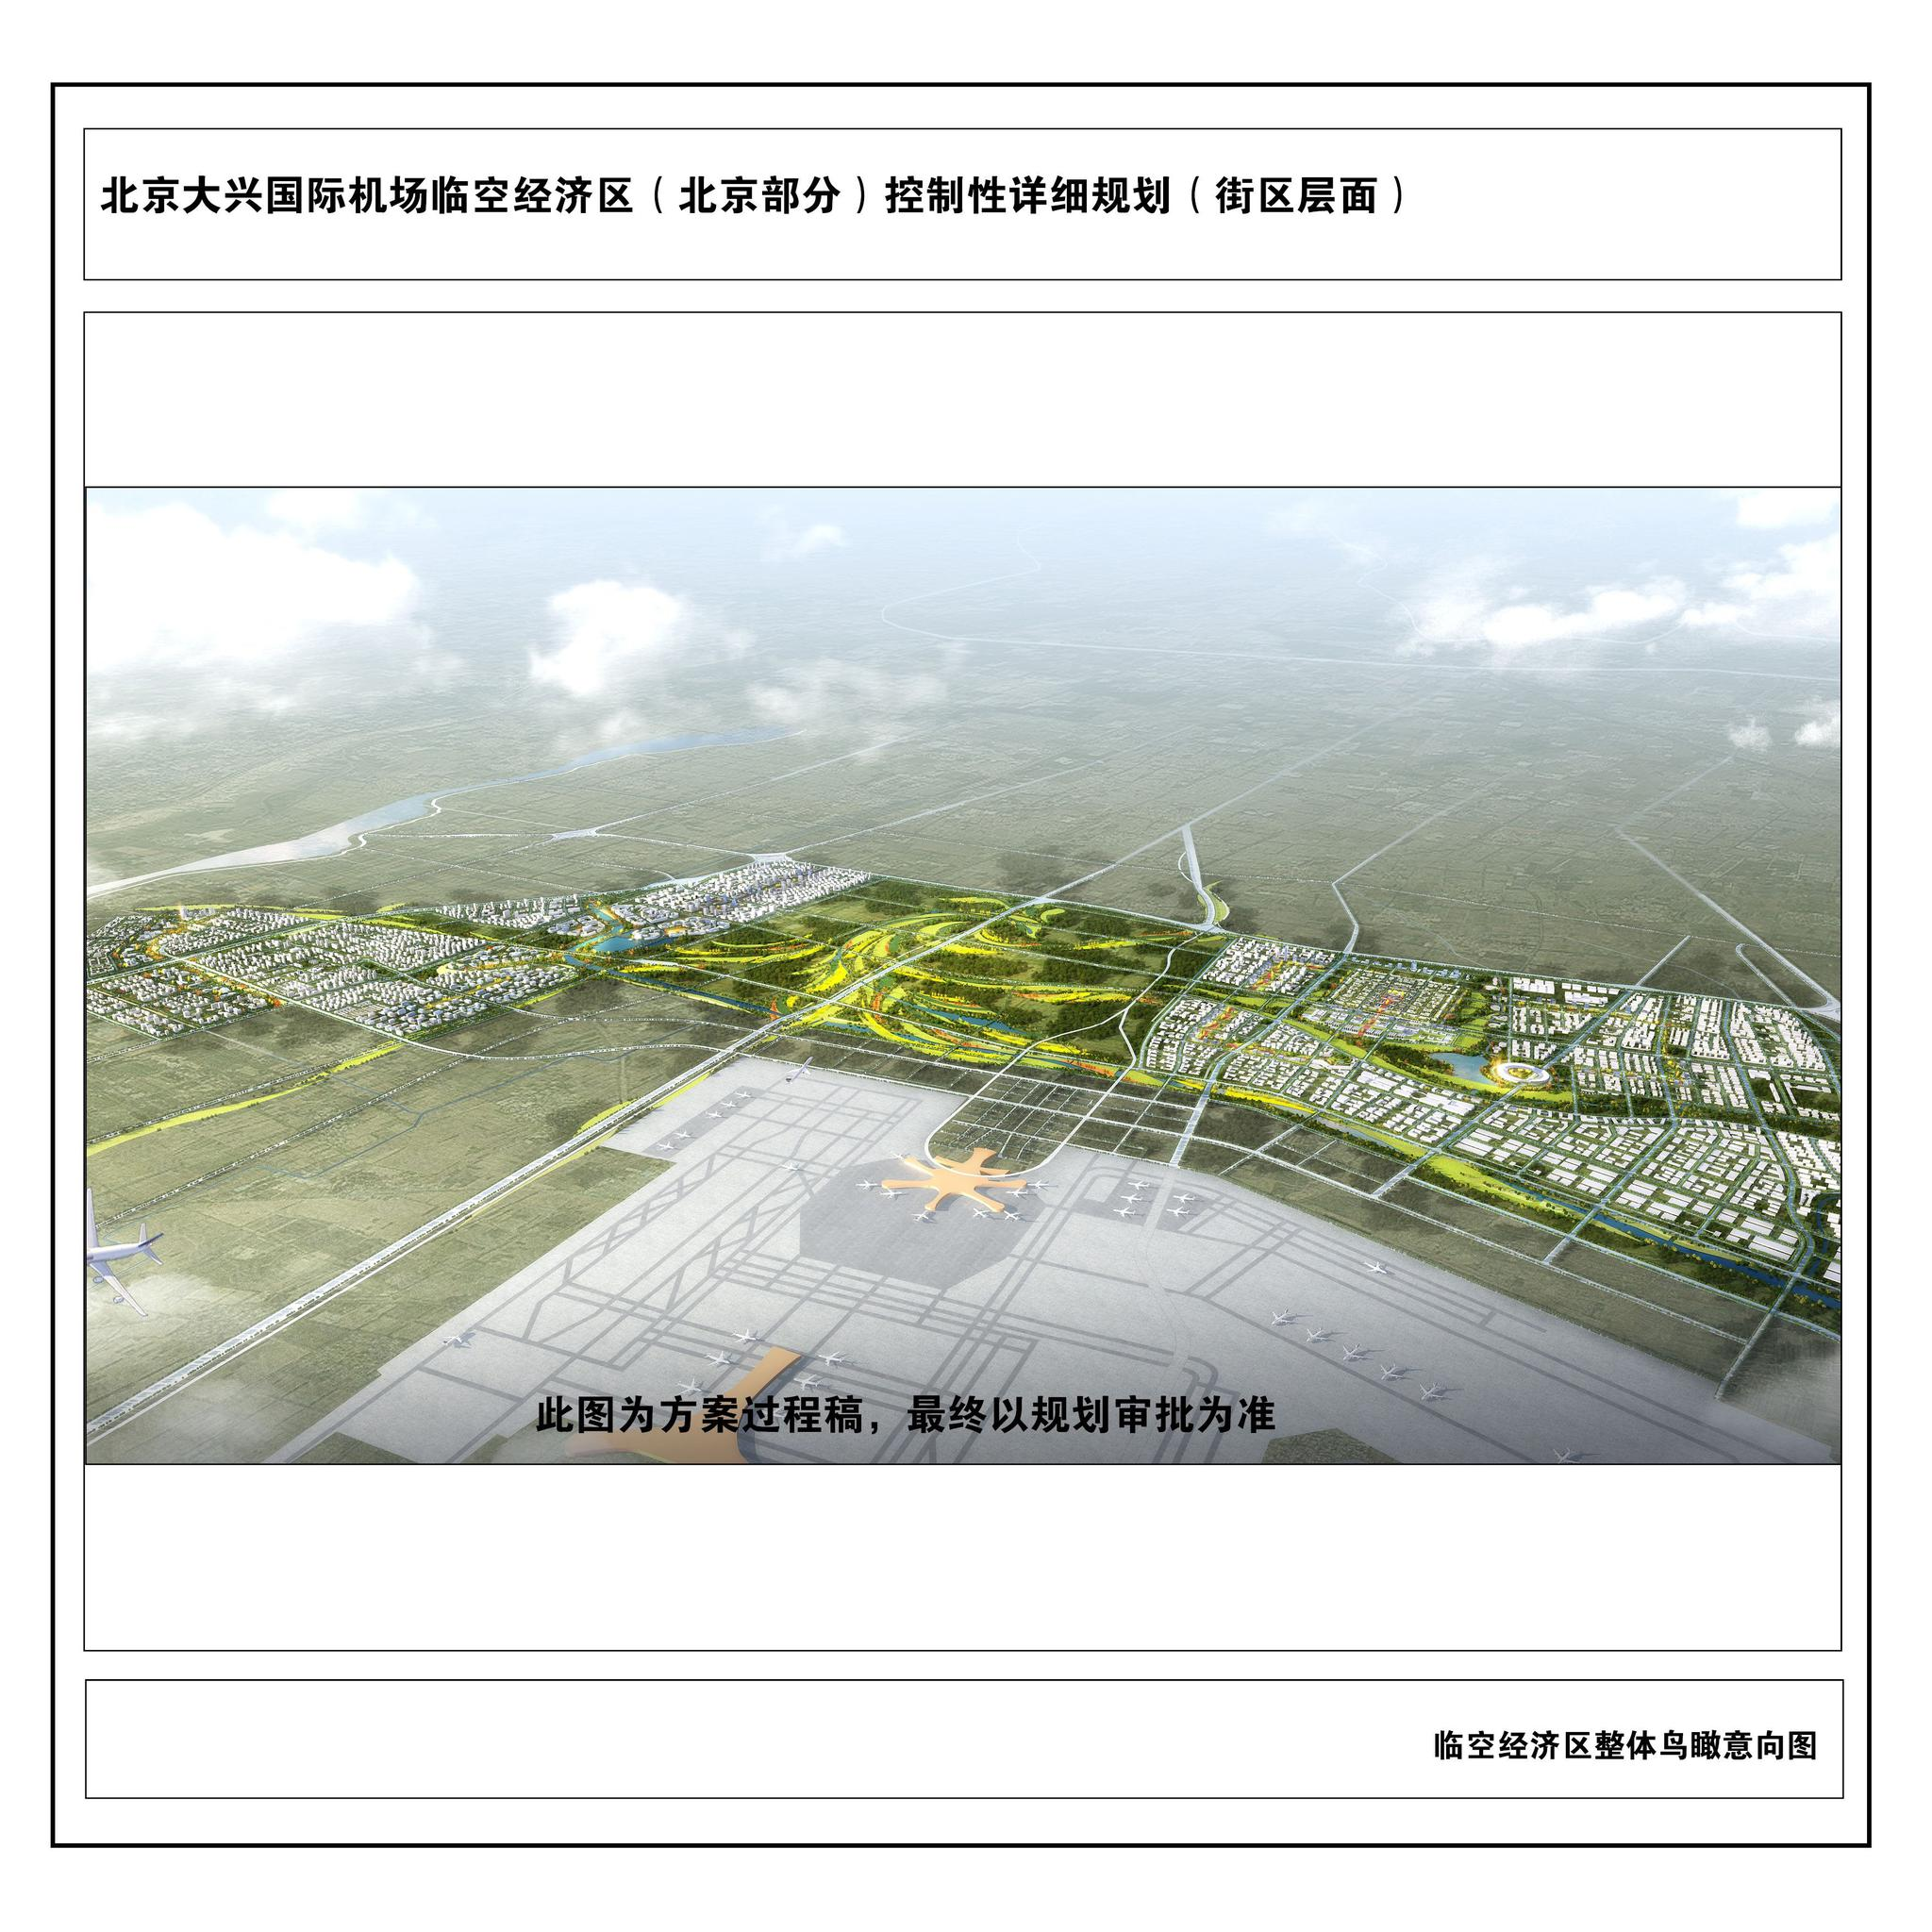 摩天测速,经济区摩天测速北京部分控规公图片